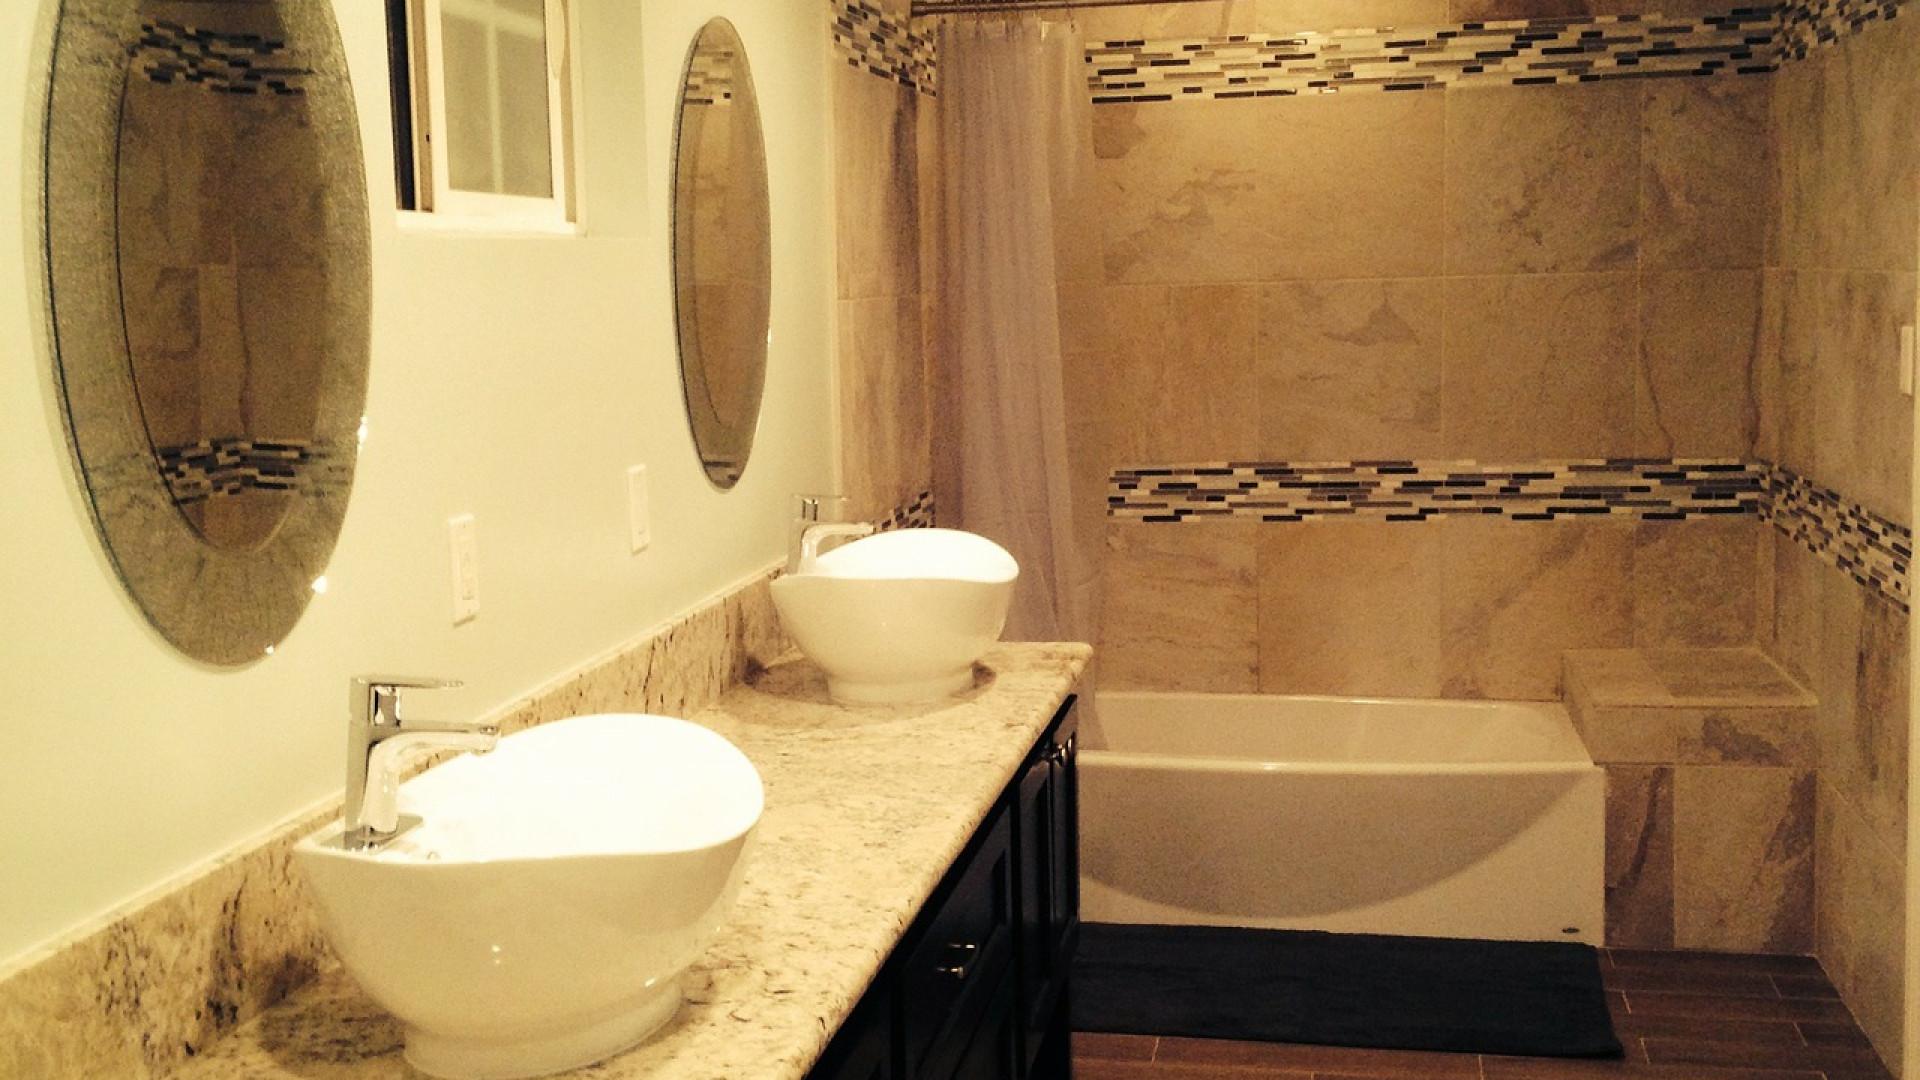 Comment décorer sa salle de bain pas cher ?